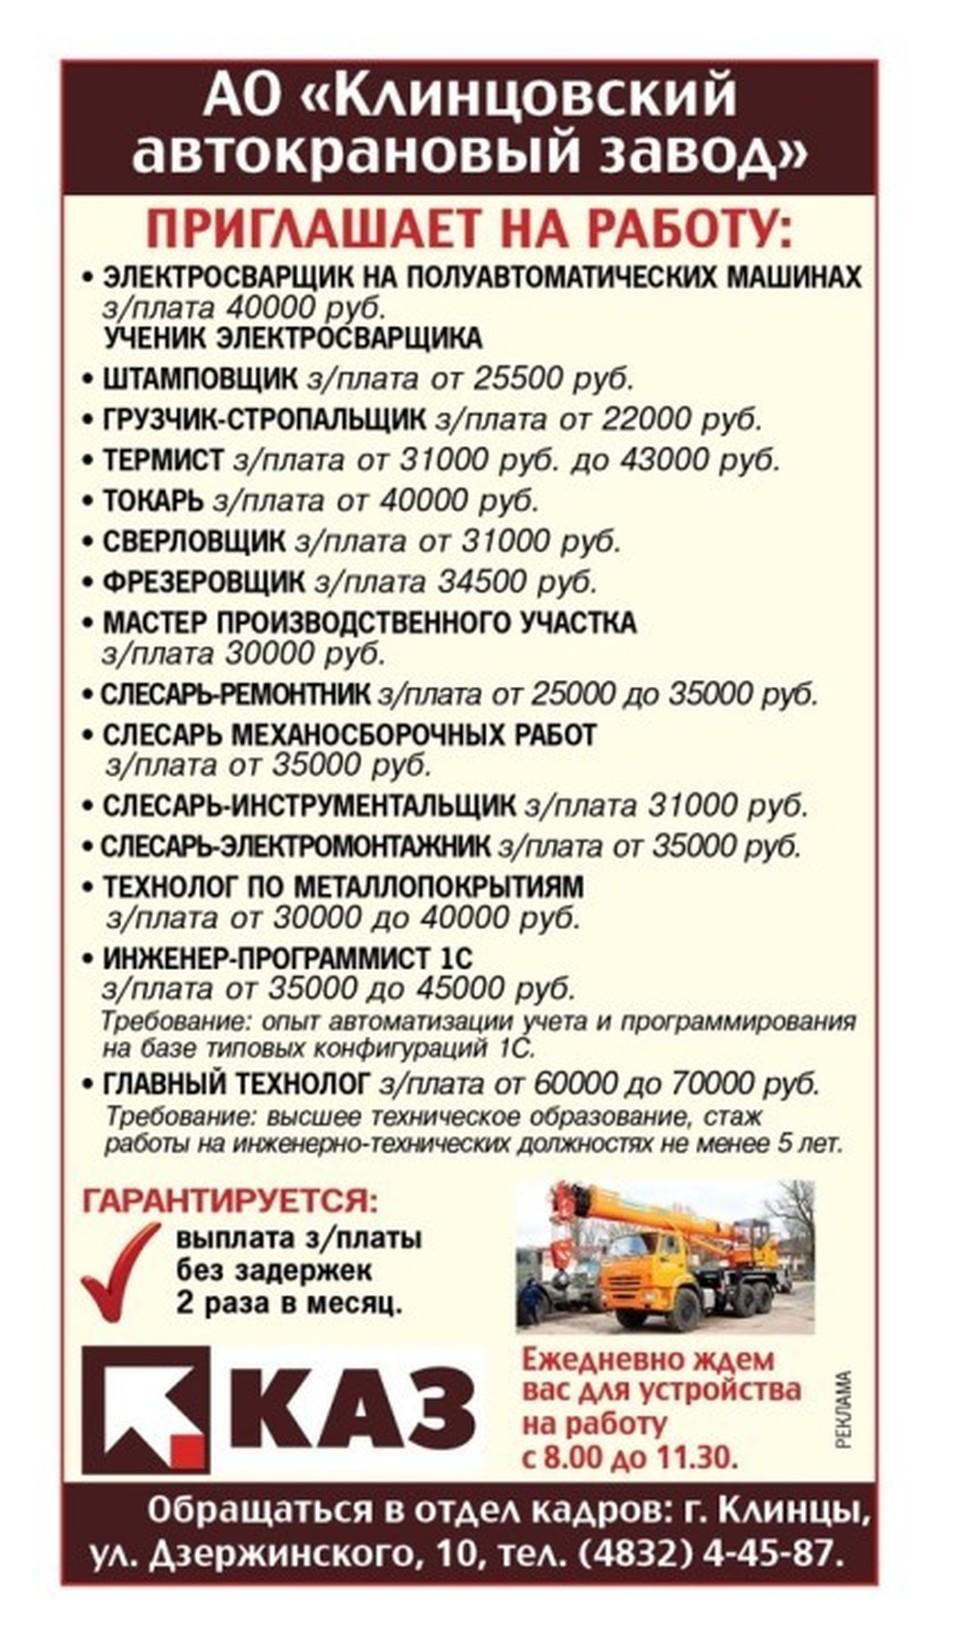 Фото: АО «Клинцовский автокрановый завод».